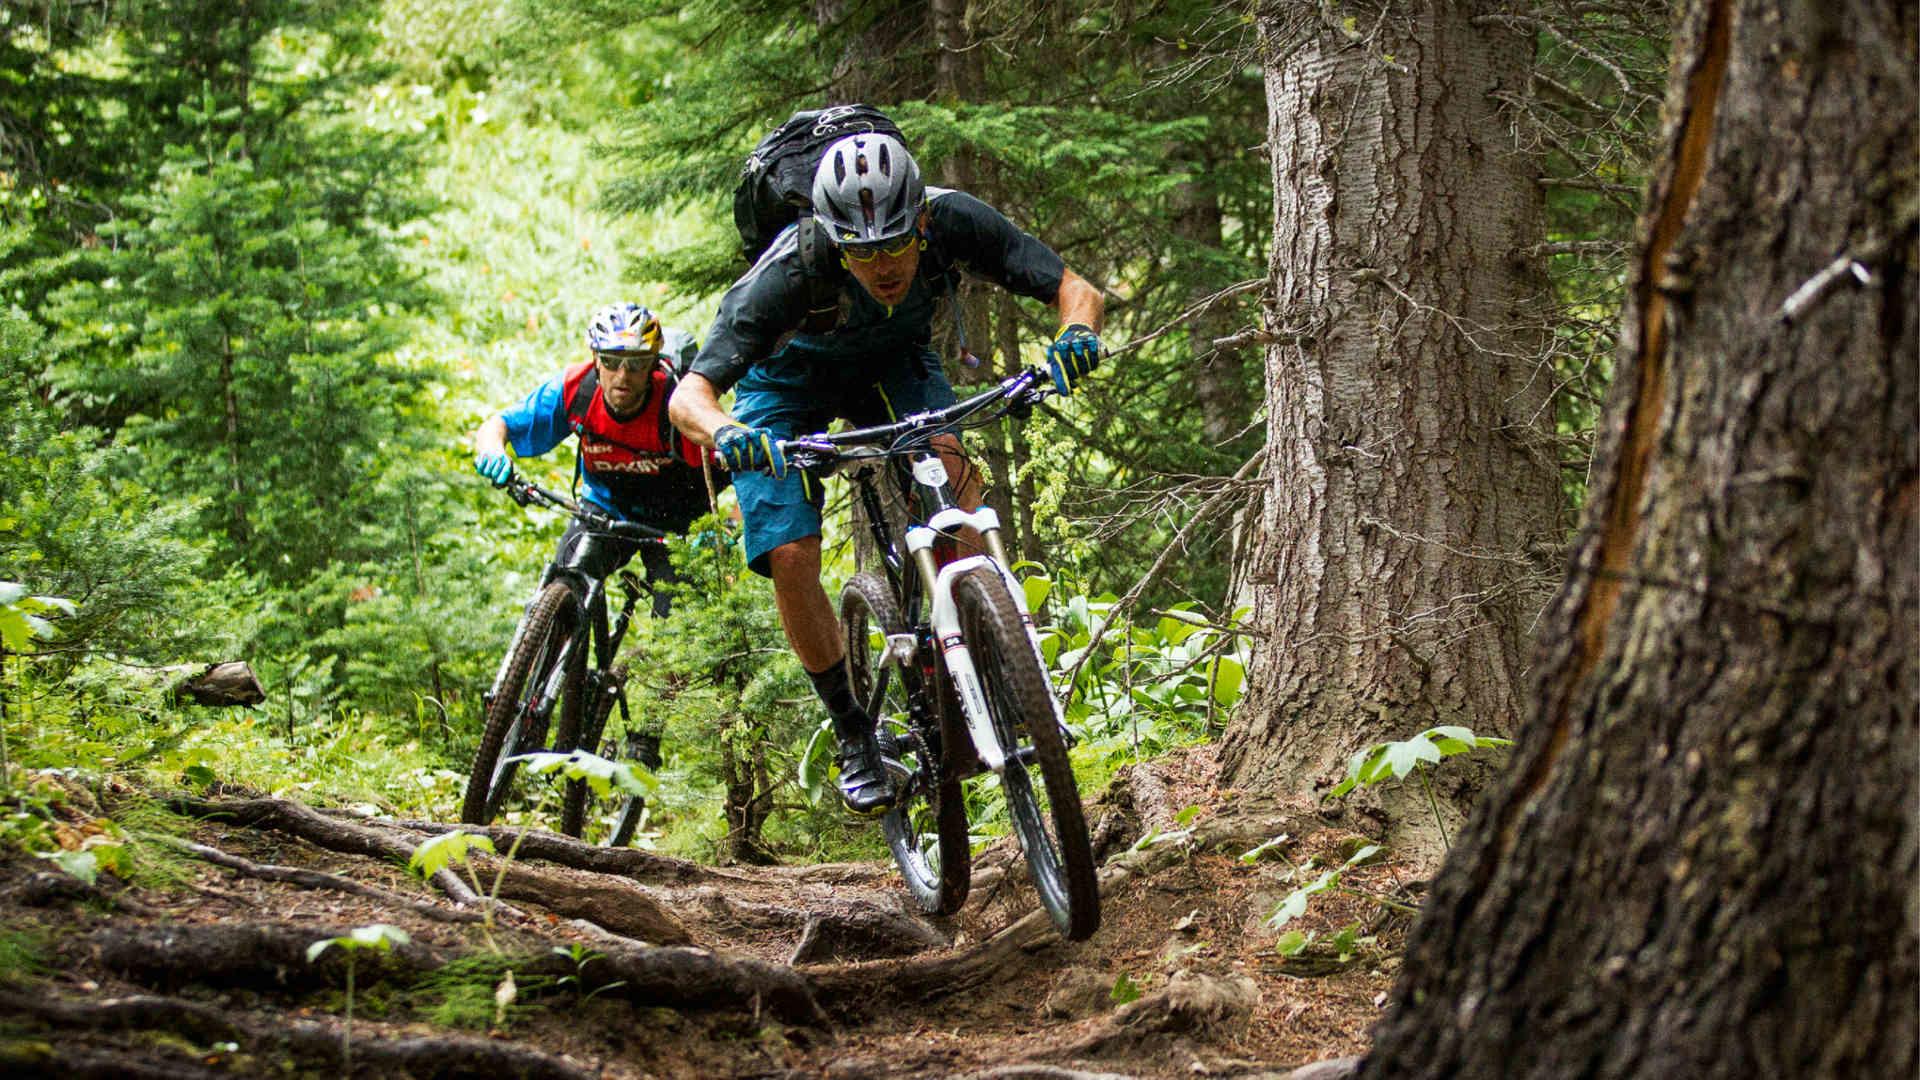 Res: 1920x1080, trekk-mountain-bikes